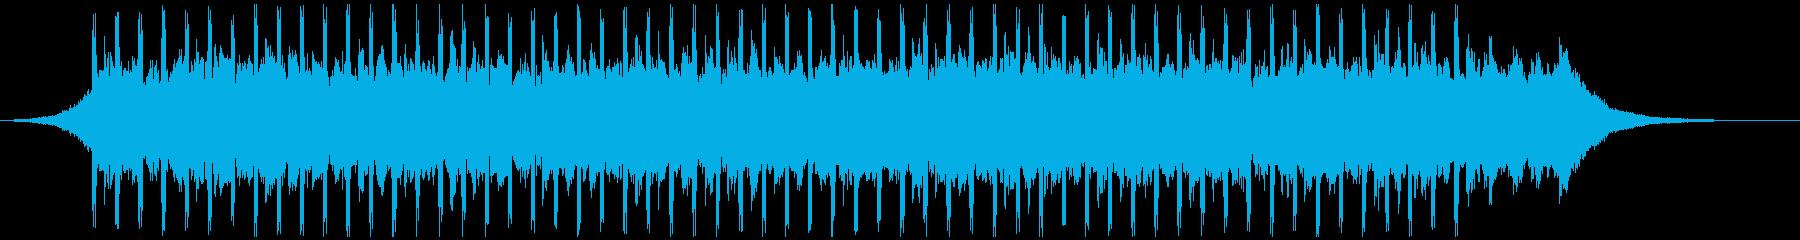 ソフトコーポレーション(ショート)の再生済みの波形